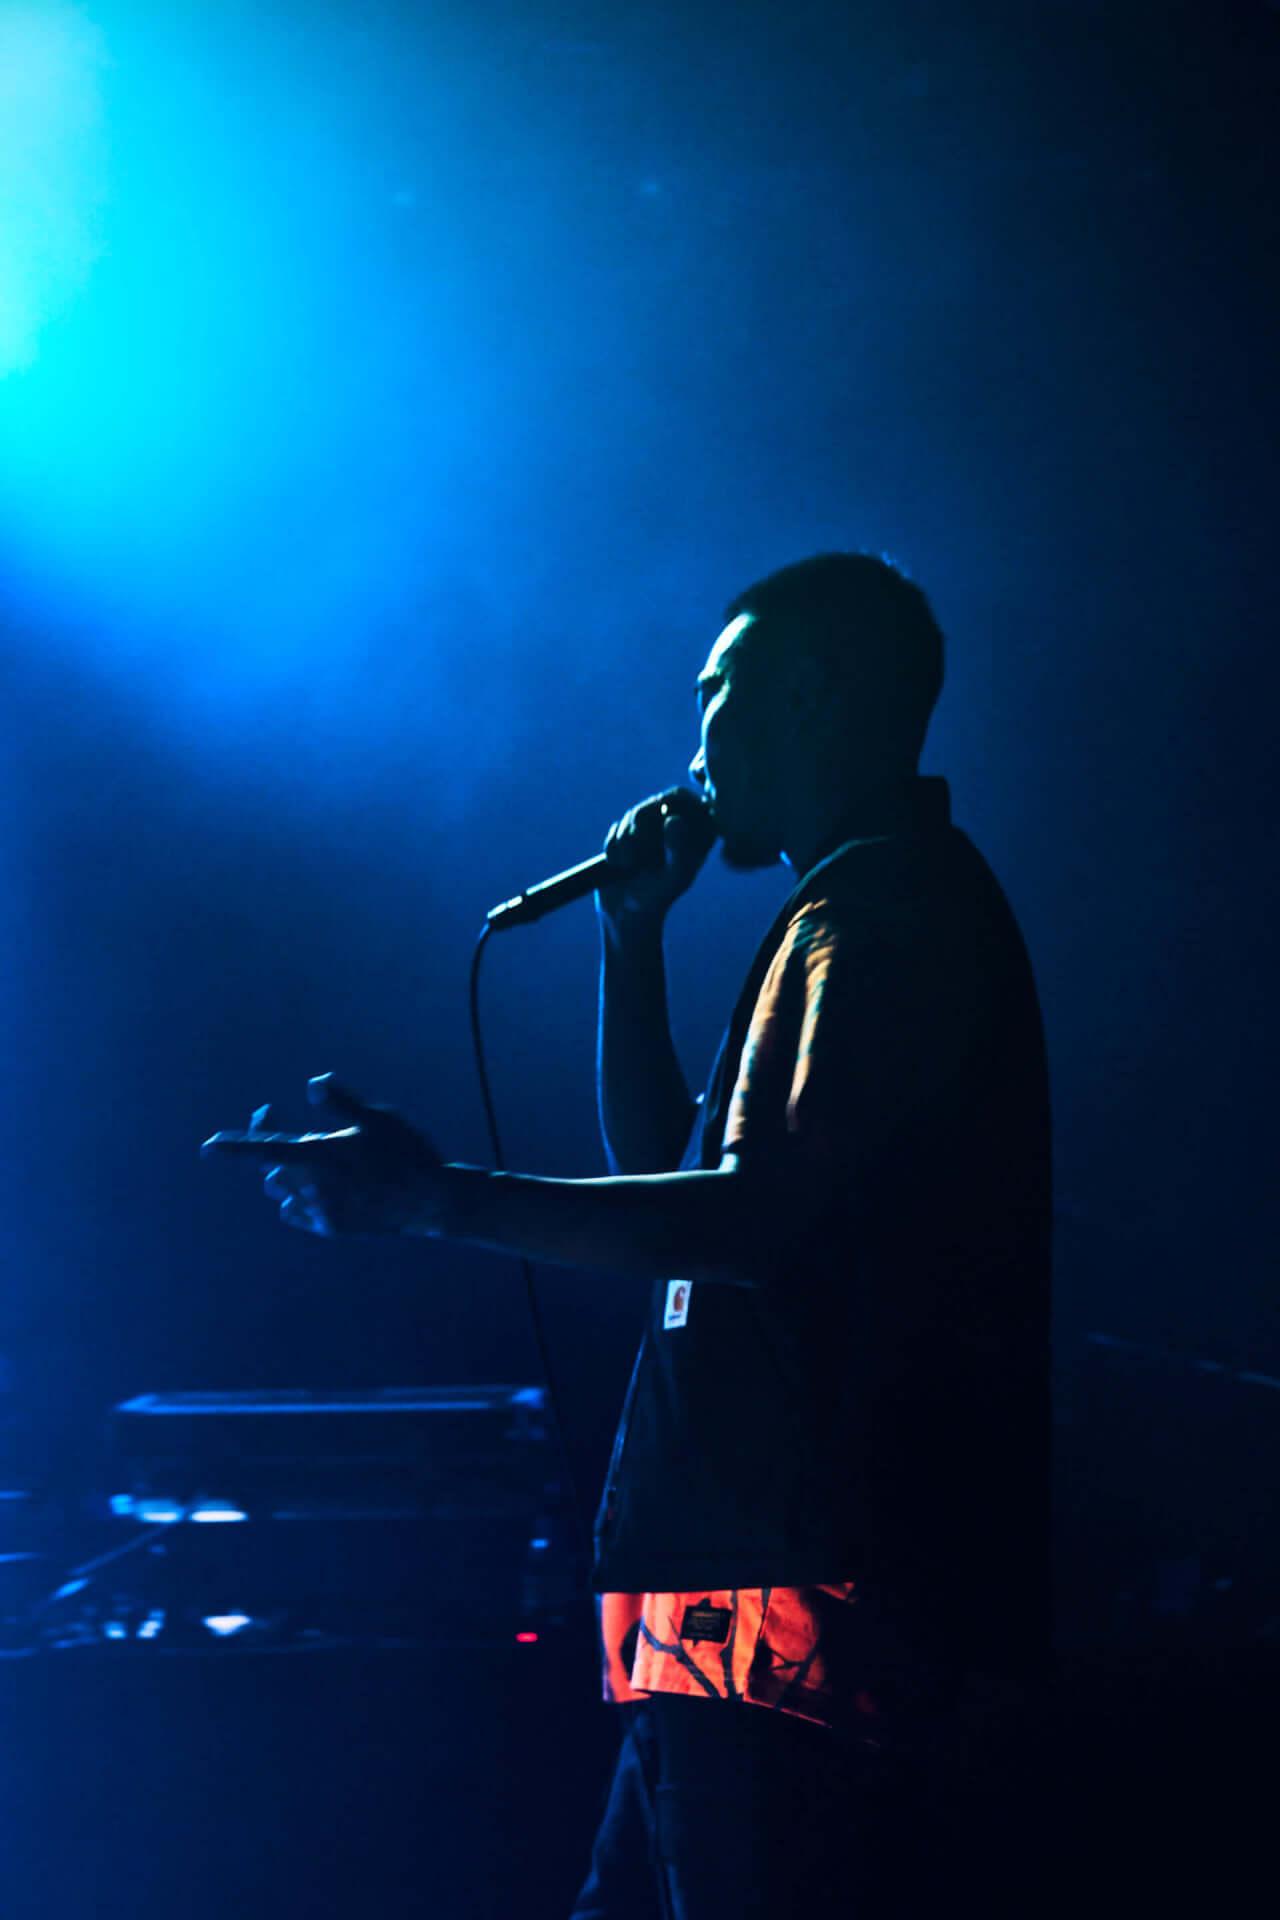 """田我流 & B.I.G.JOEによる楽曲""""マイペース""""のミュージックビデオが解禁!YouTubeでツアーの模様を収めたVLOGも公開中 music201110_dengaryu_bigjoe_3"""